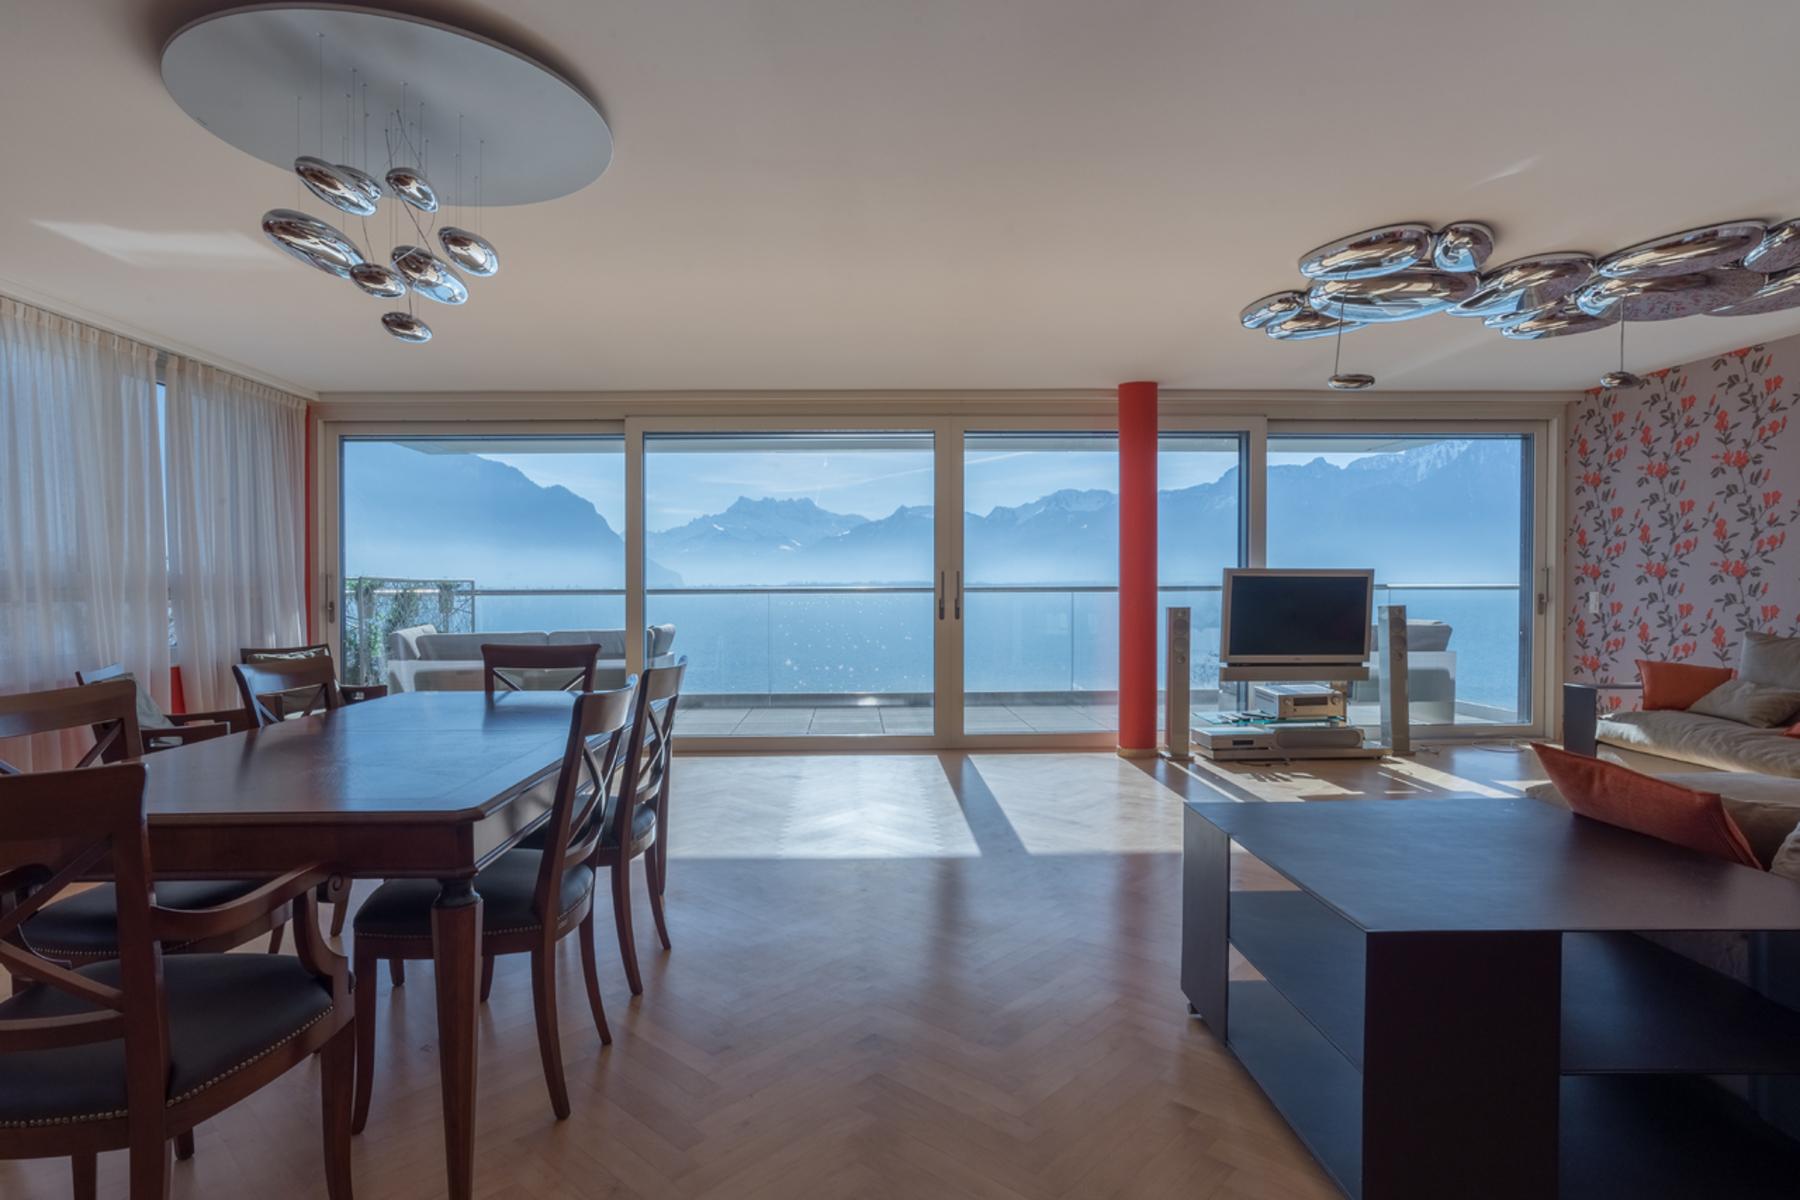 Copropriété pour l Vente à Résidence Villa les Bains 4.5 room penthouse On the lakeshor Montreux, Montreux, Vaud, 1820 Suisse